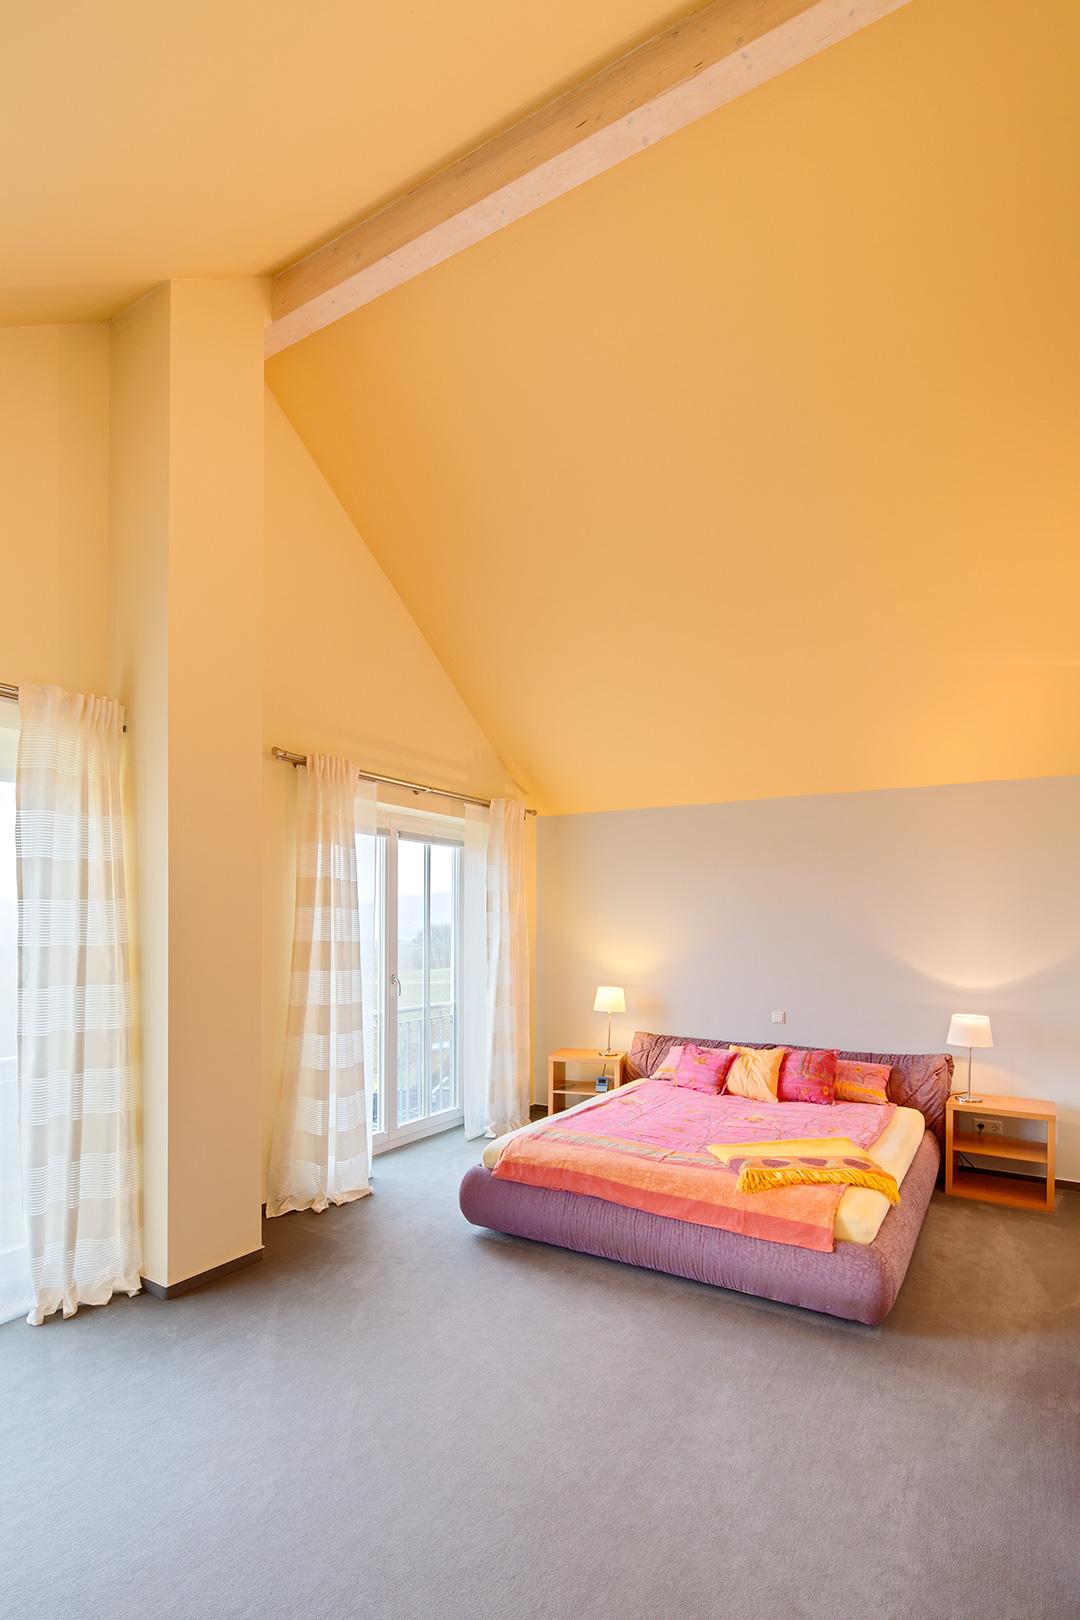 Architekturfotografie, Innenarchitektur: Schlafzimmer | Foto: Dieter Eikenberg, imprints